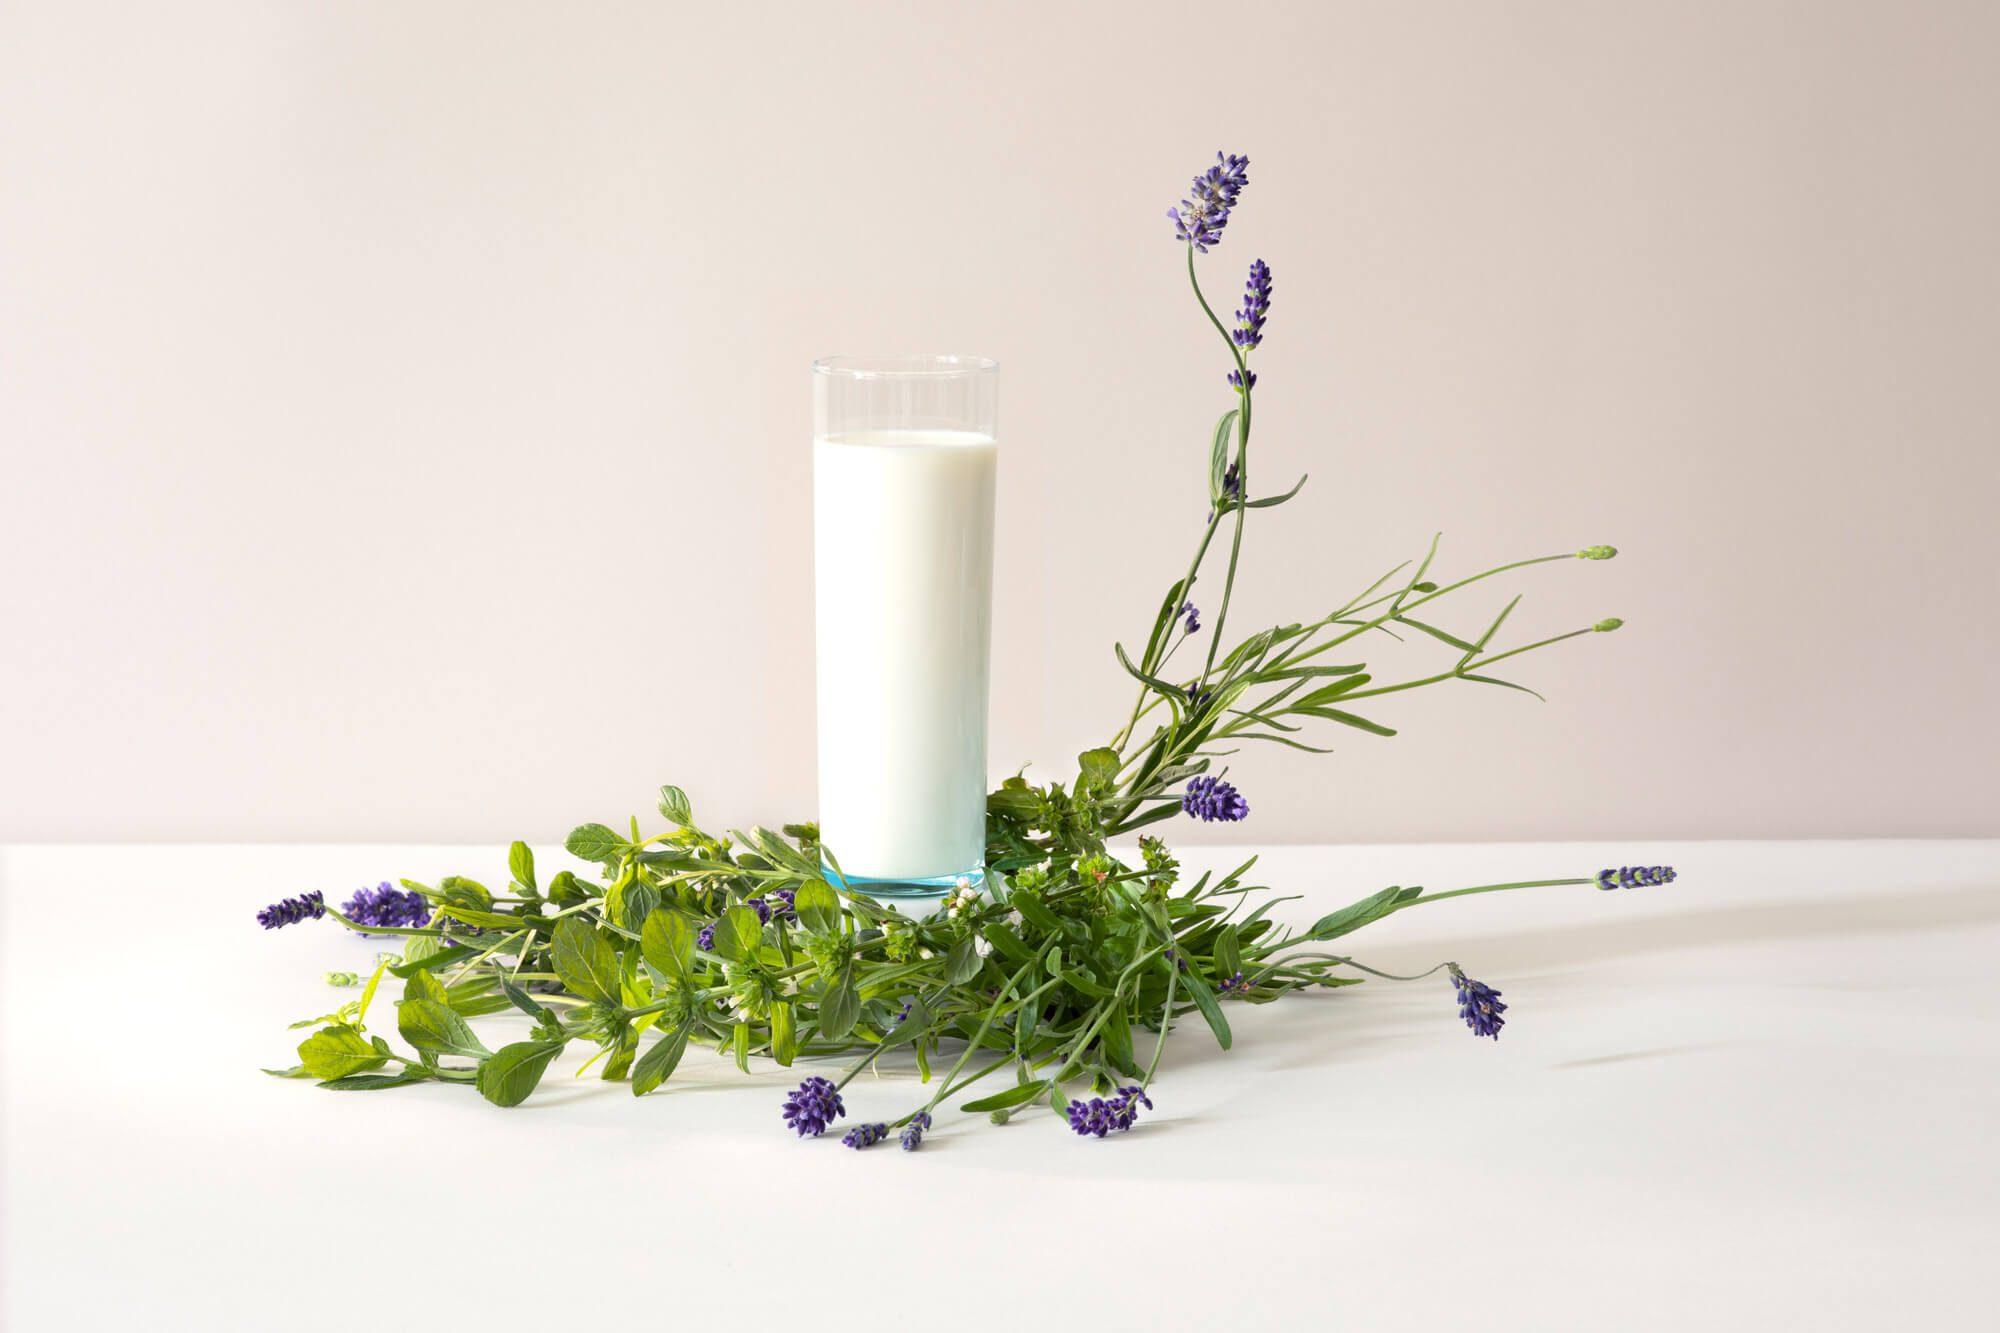 un verre de lait et des plantes, lavande, mélisse, photographie en studio par la photographe Virginie Perocheau pour la série des laits infusés, sous la direction artistique de Ich&Kar